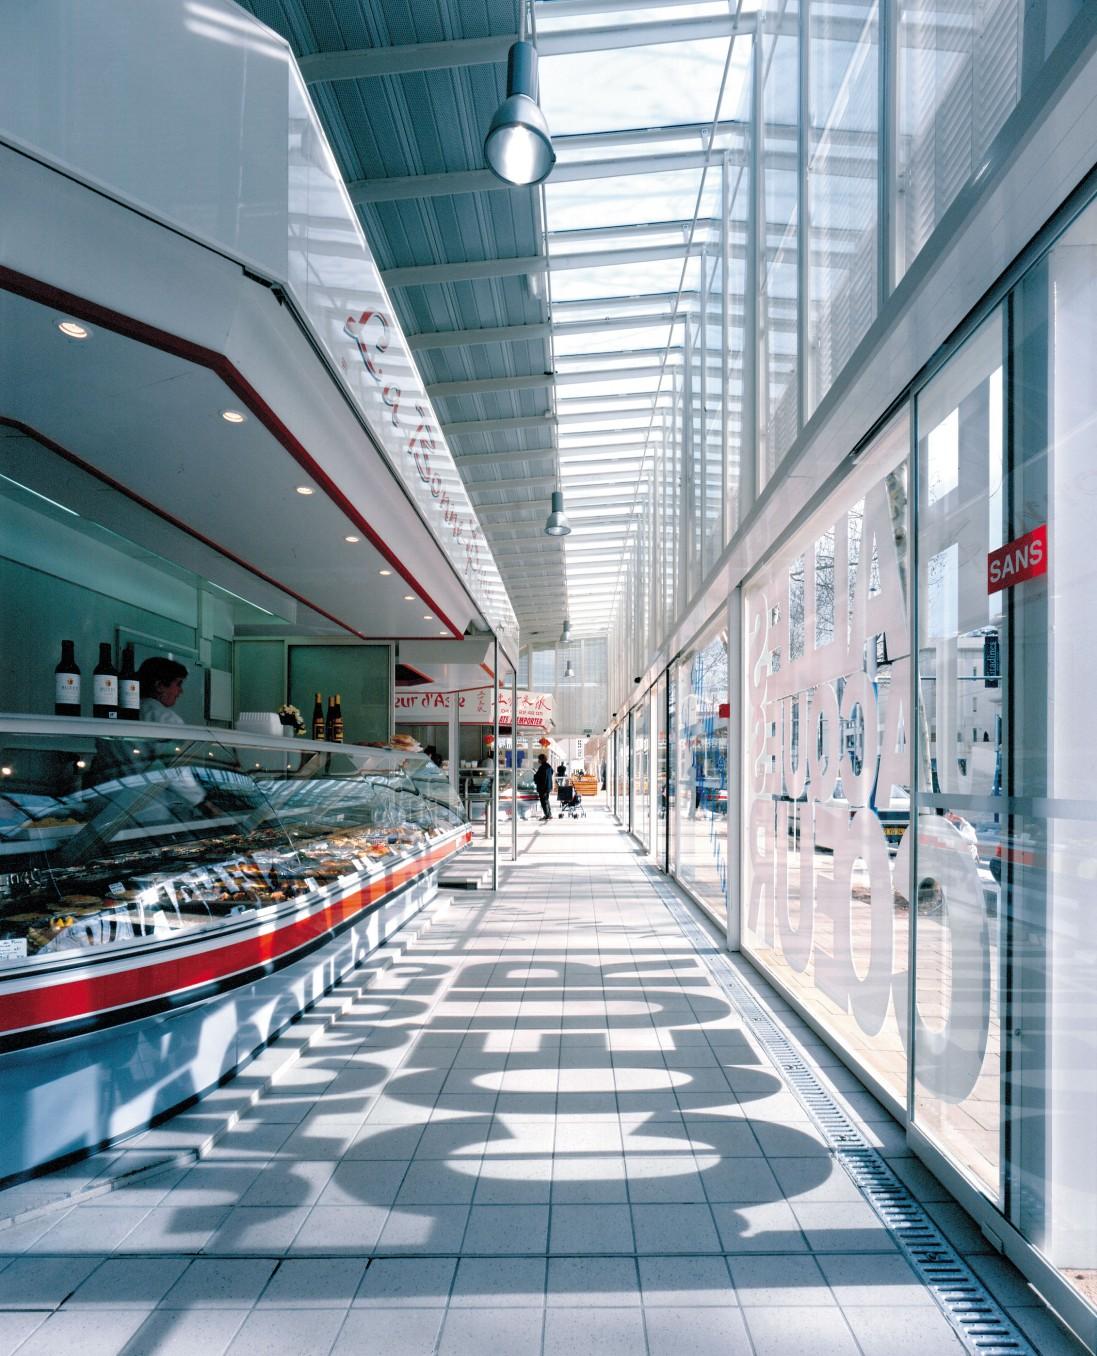 Traverses - intérieur des halles - crédits photo : Didier Boy de la Tour